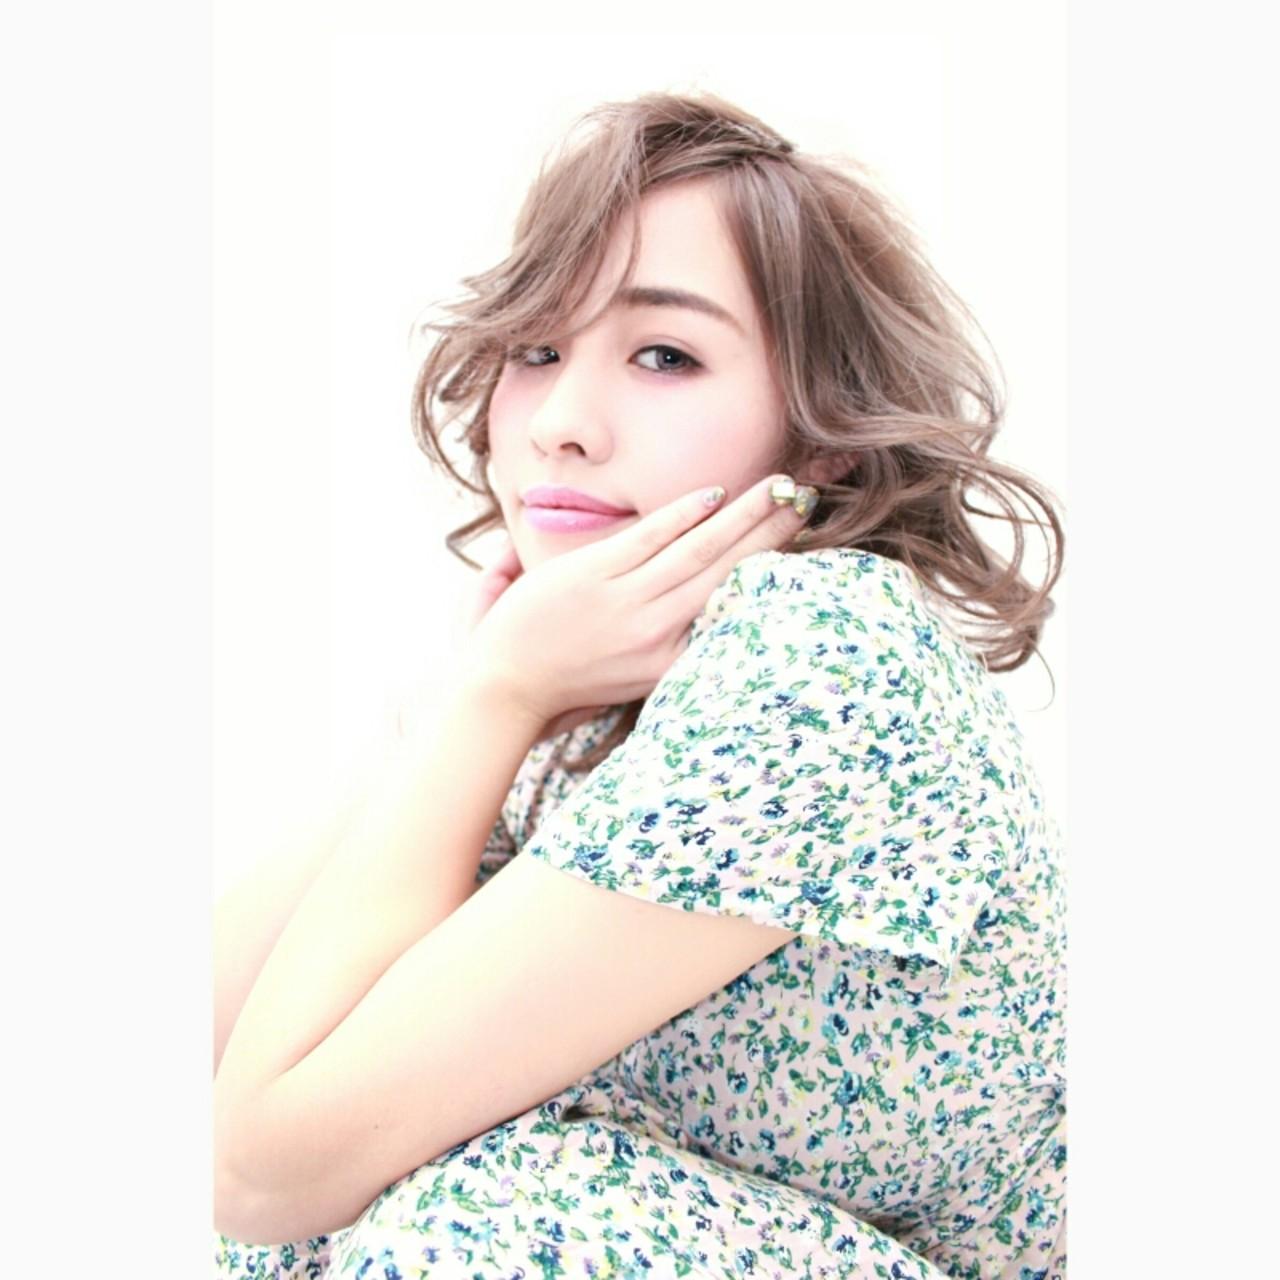 ミディアム 小顔 ナチュラル 外国人風 ヘアスタイルや髪型の写真・画像 | 安井 昴 / Ash 大宮